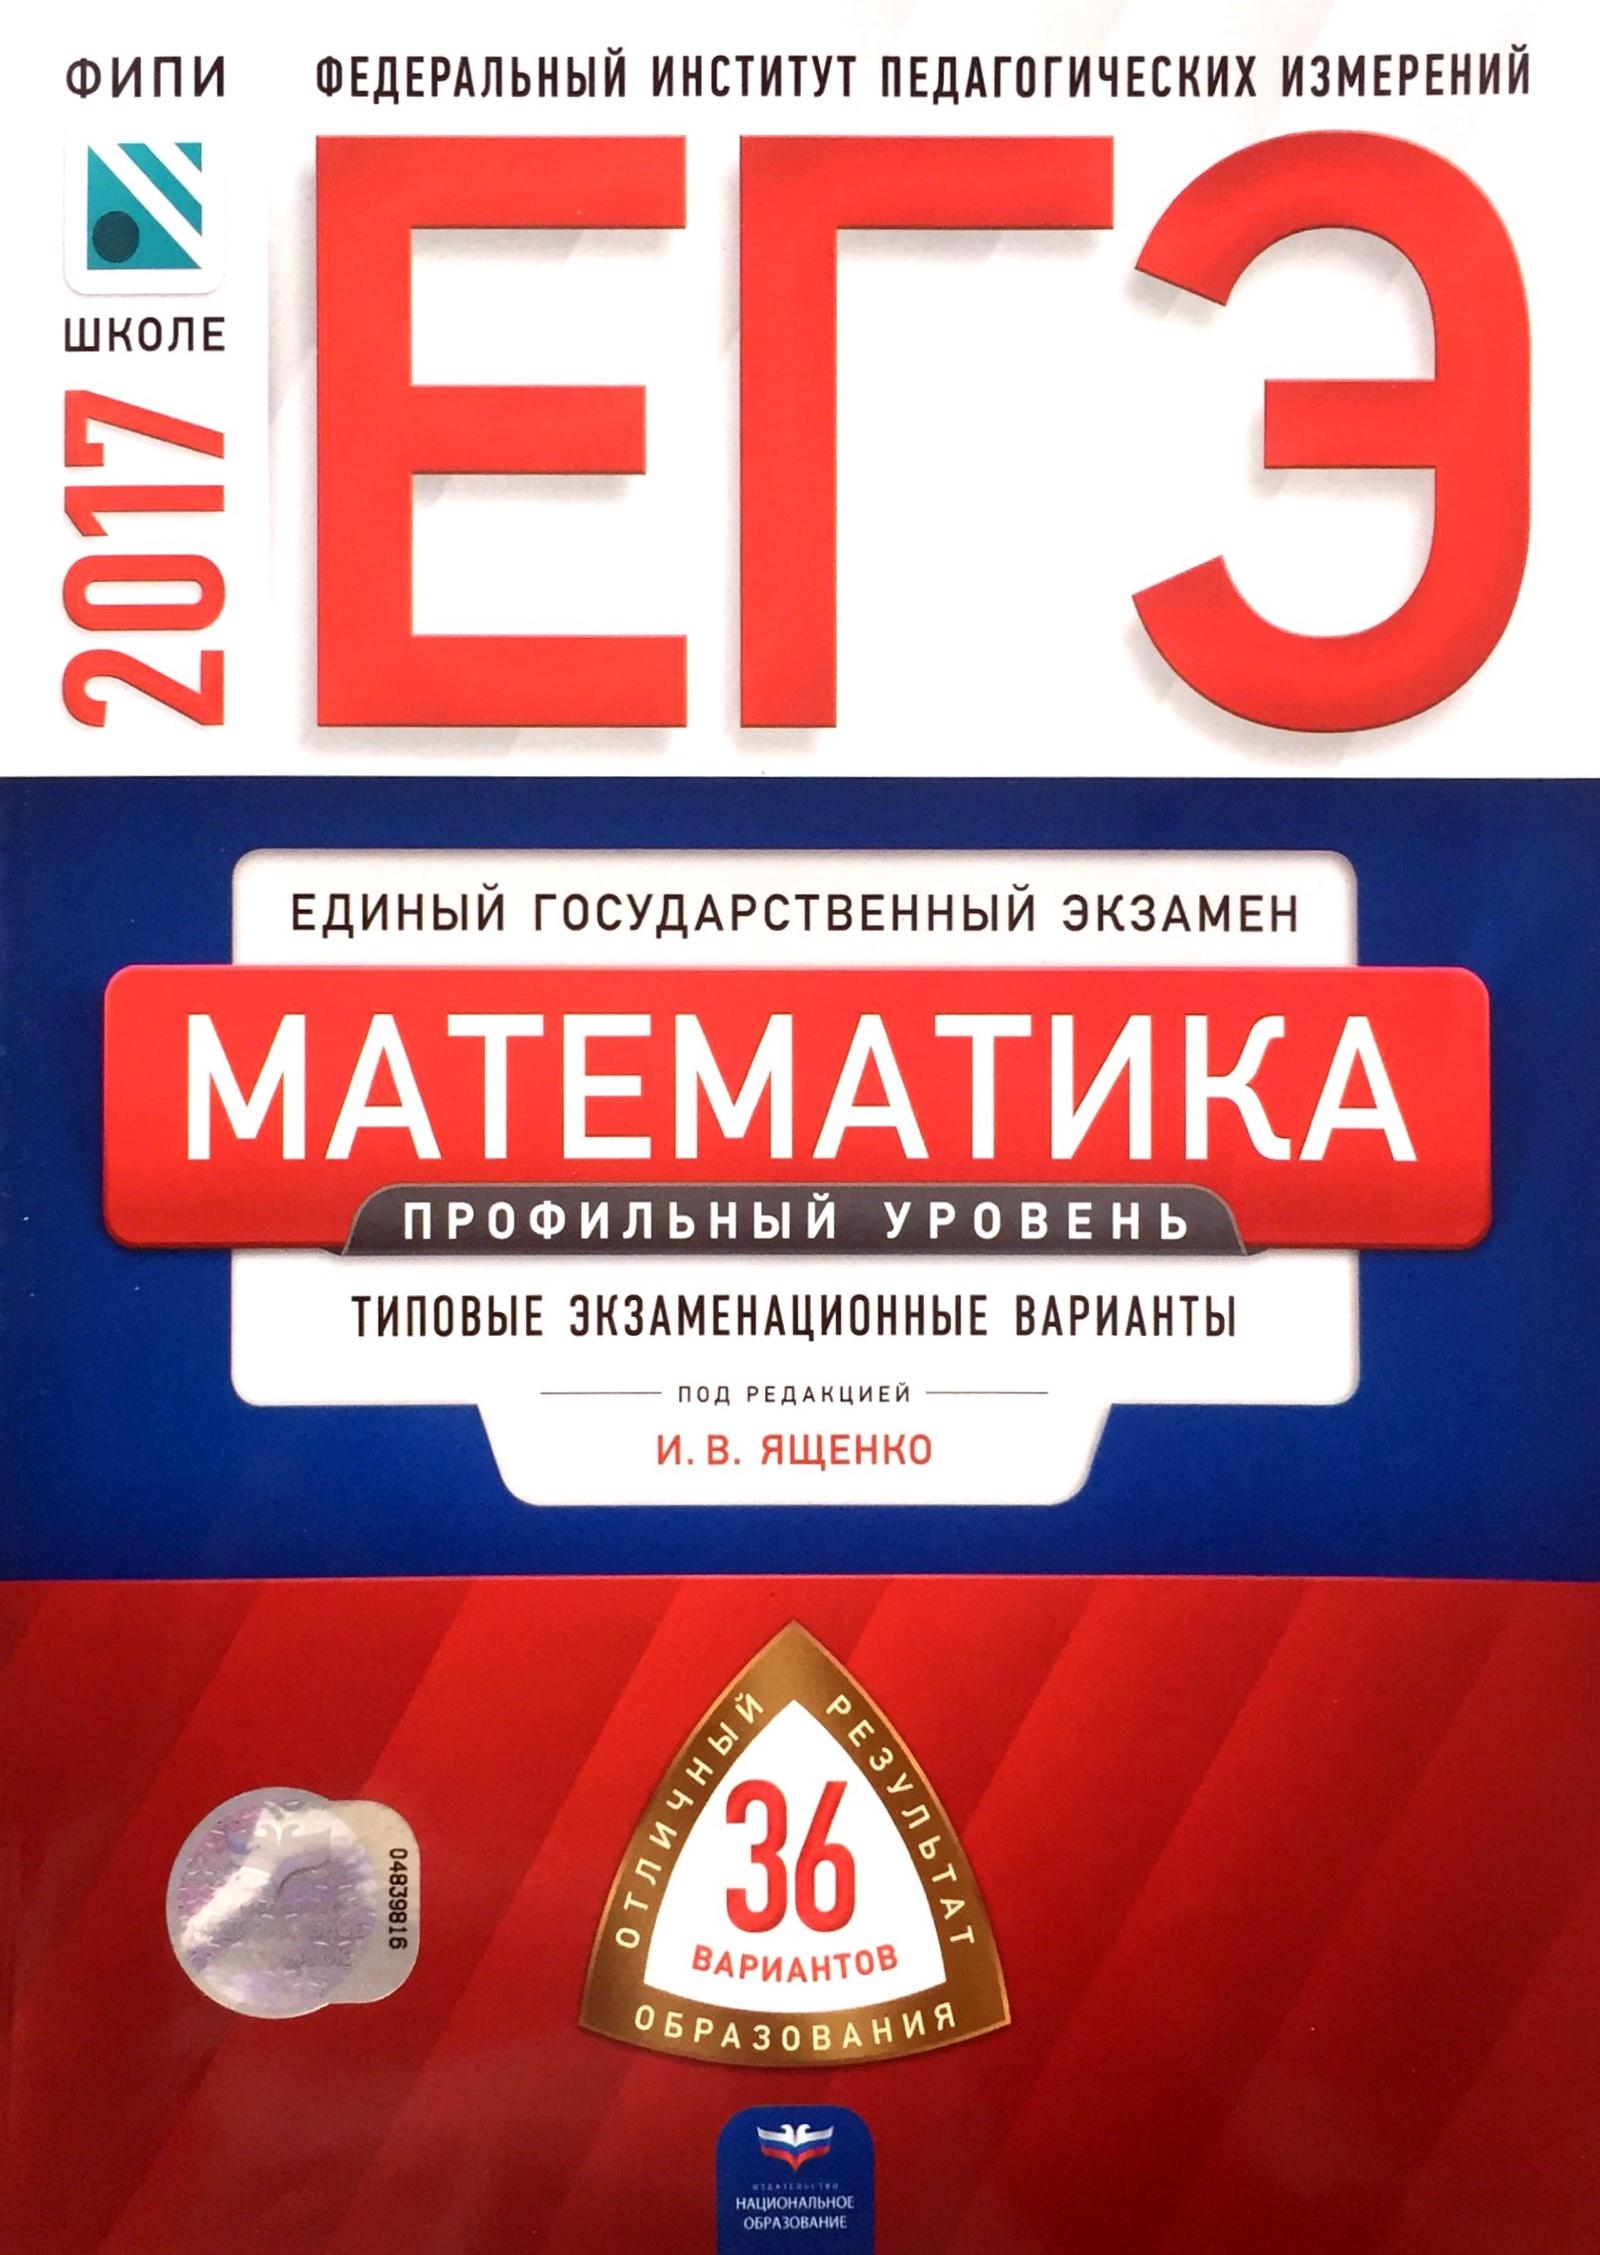 И. Р. Высоцкий, И. В. Ященко ЕГЭ 2017. Математика: профильный уровень